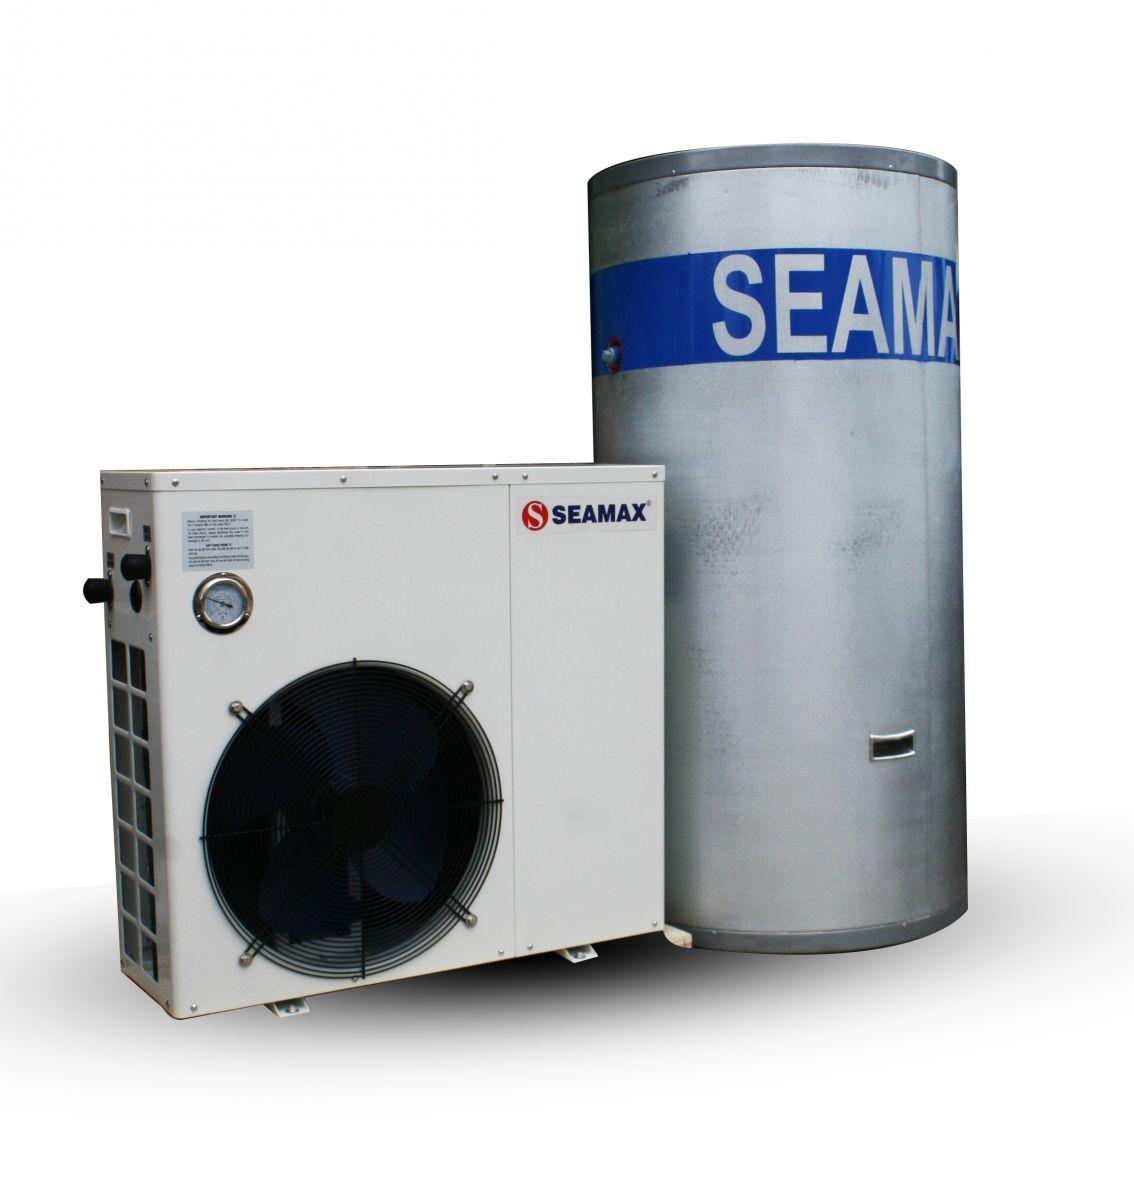 MÁY BƠM NHIỆT SM-2HP-500 LÍT